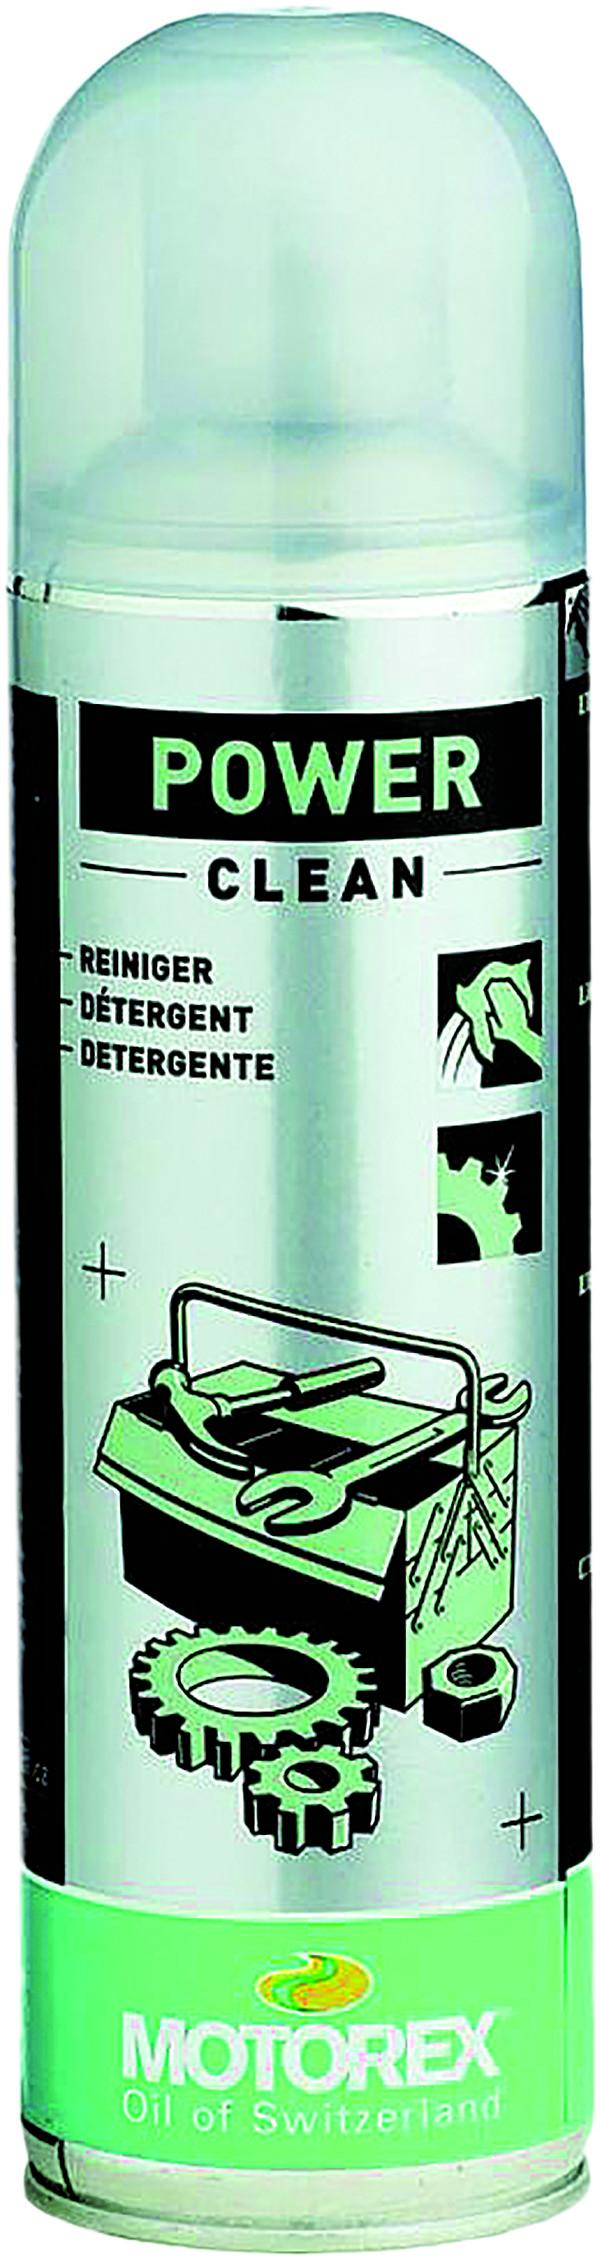 Power Clean 500Ml